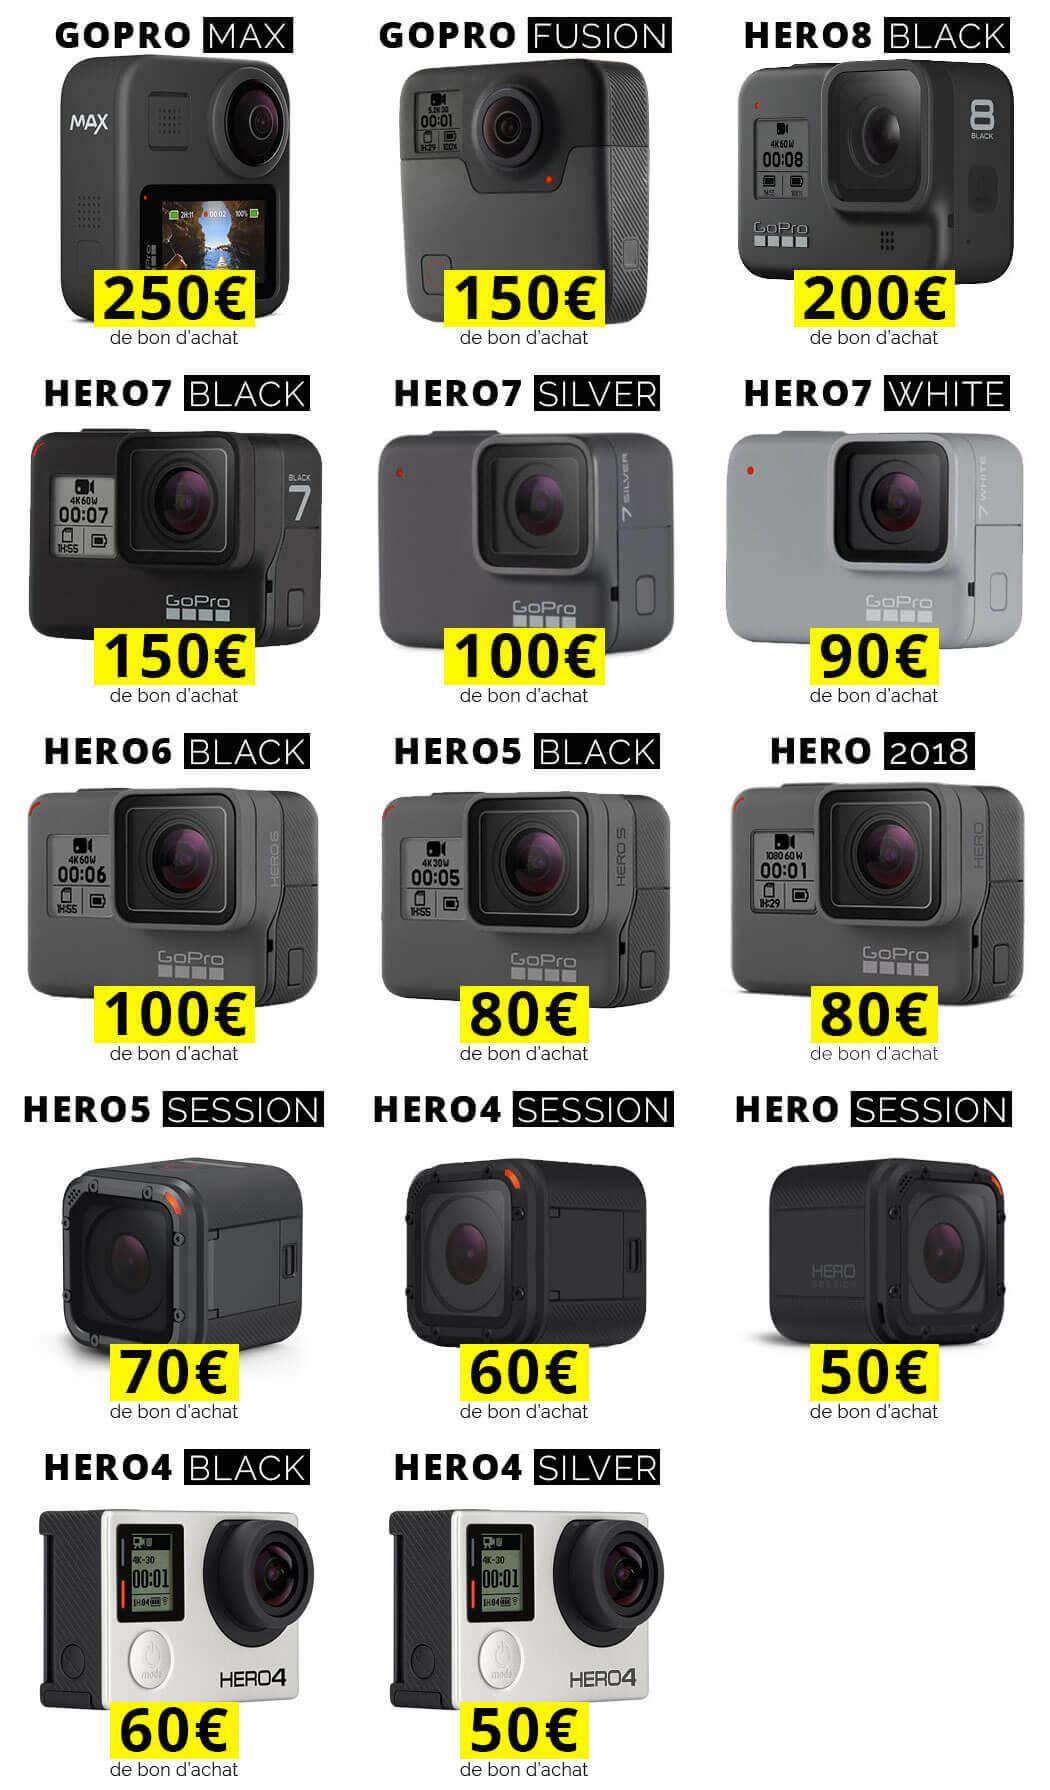 Les modèles de caméras GoPro concernés par l'opération Xchange LCE